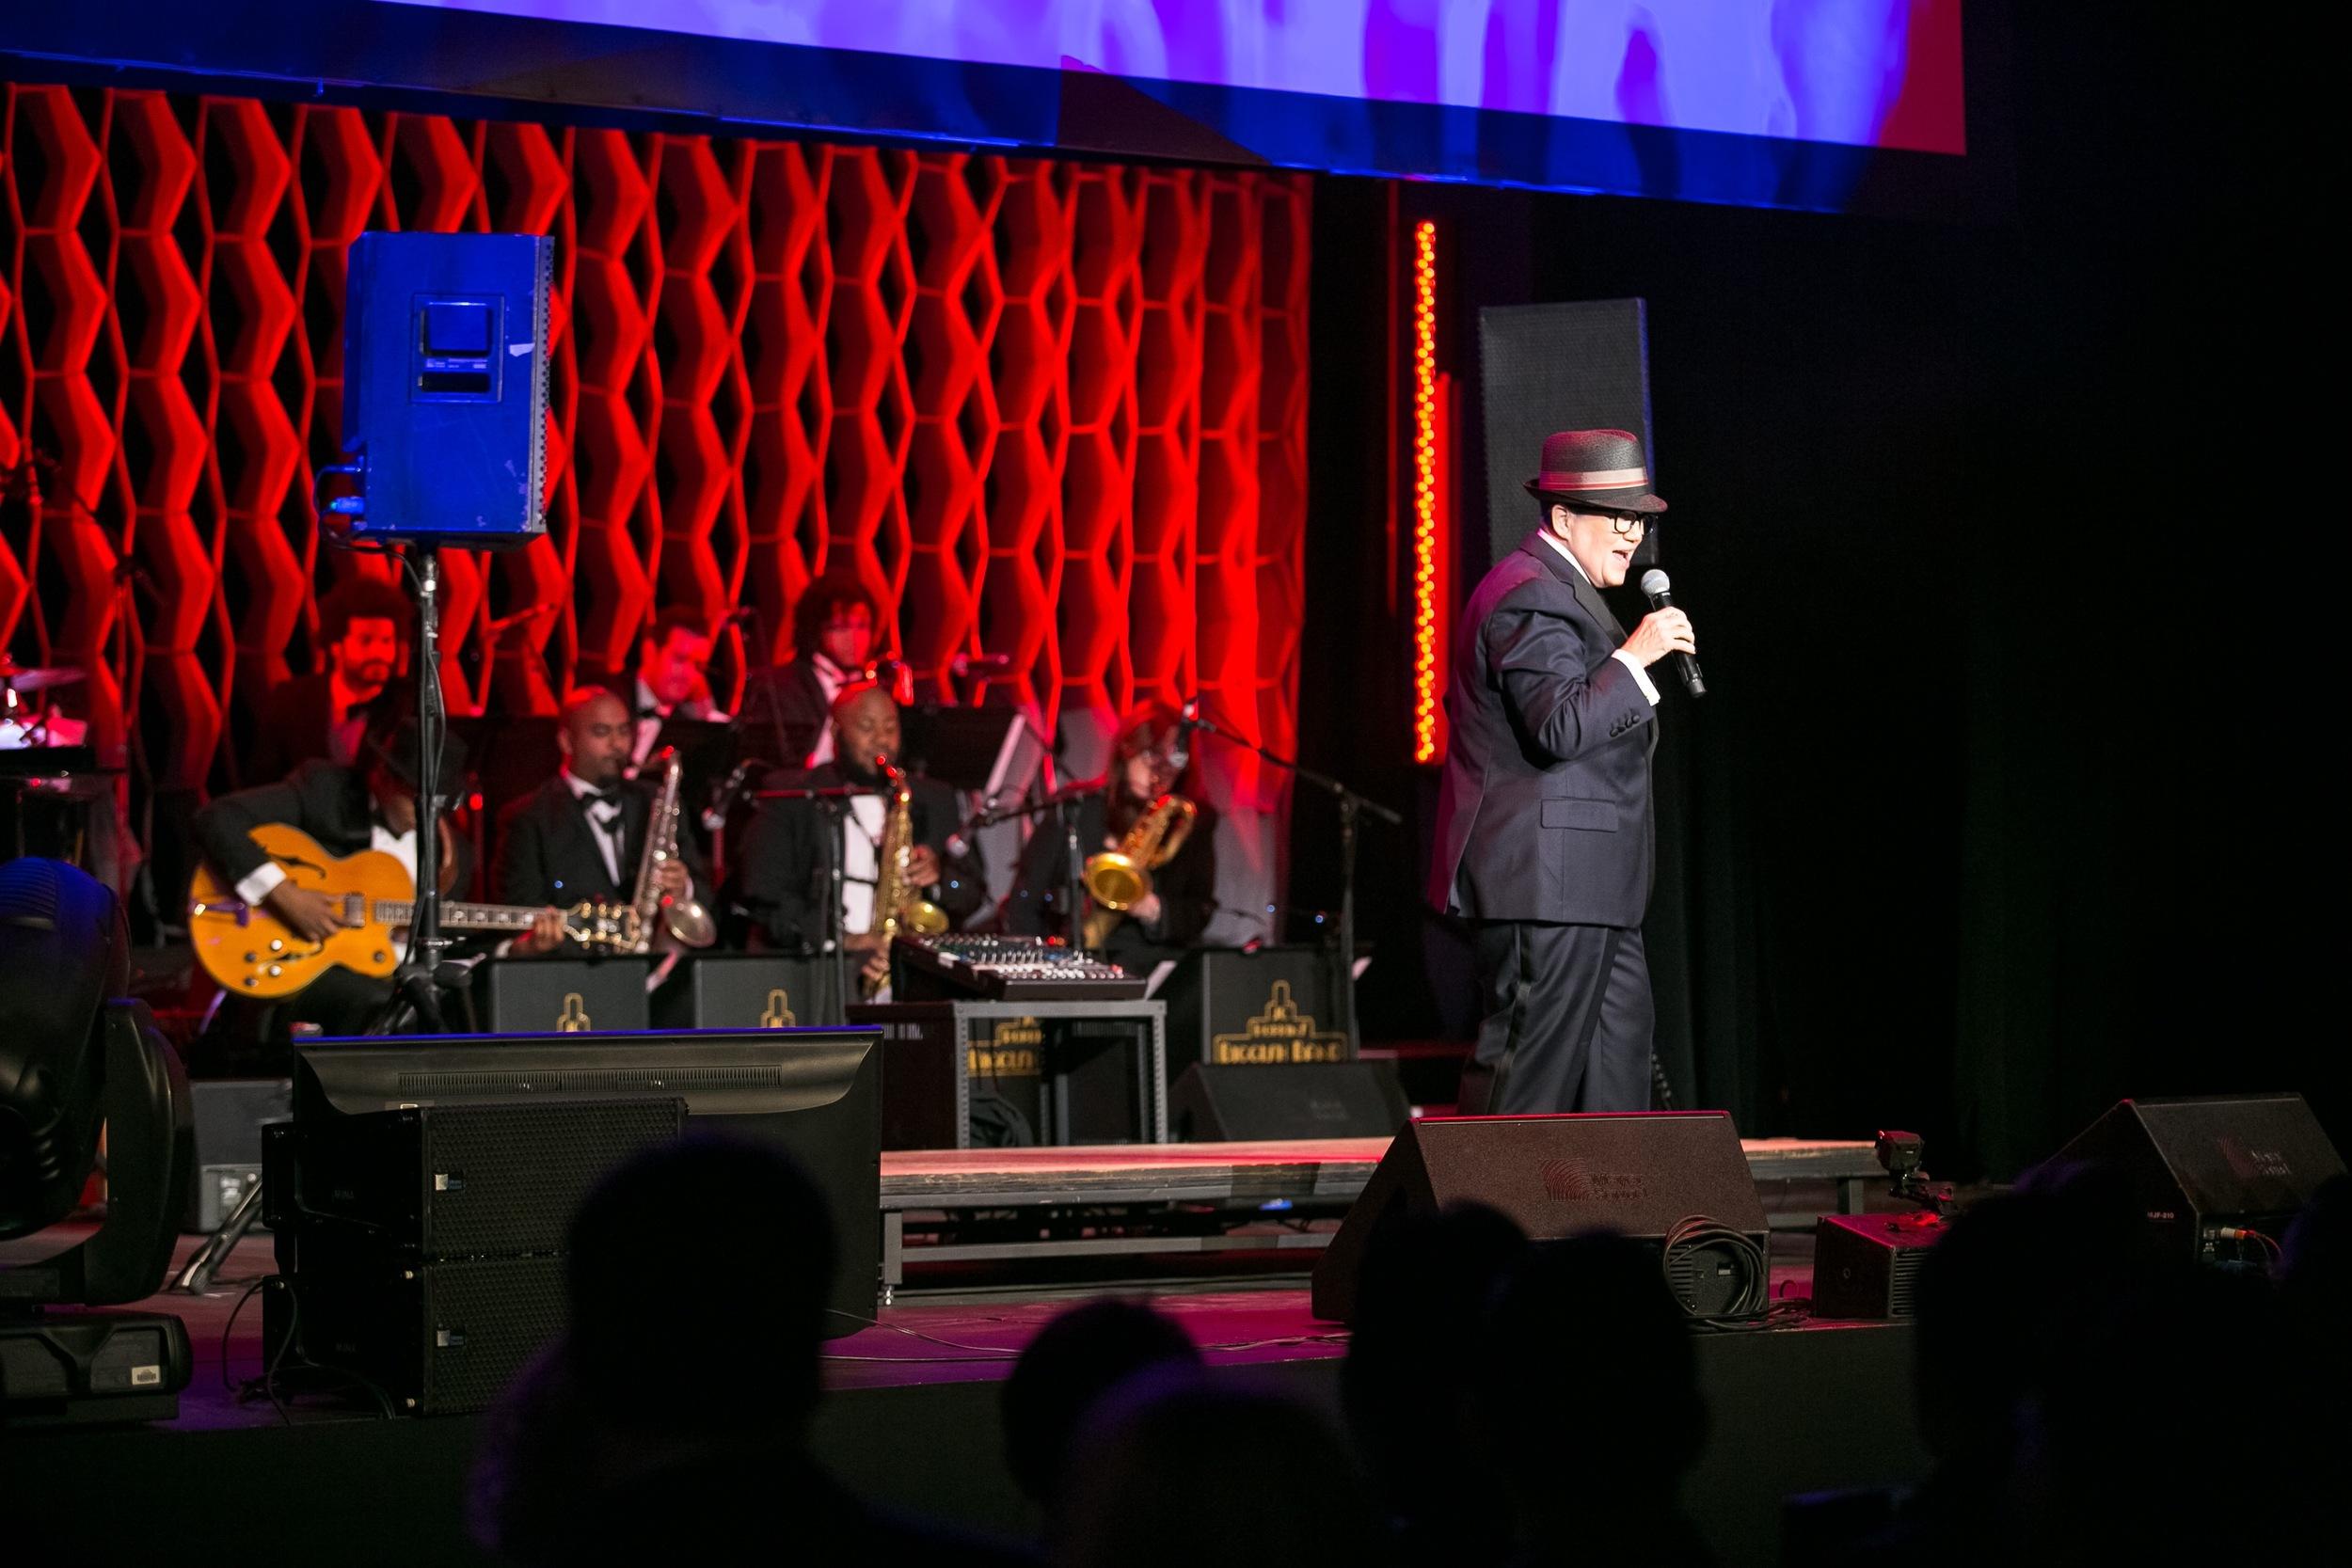 20150421-TFF Sinatra at 100-384.jpg